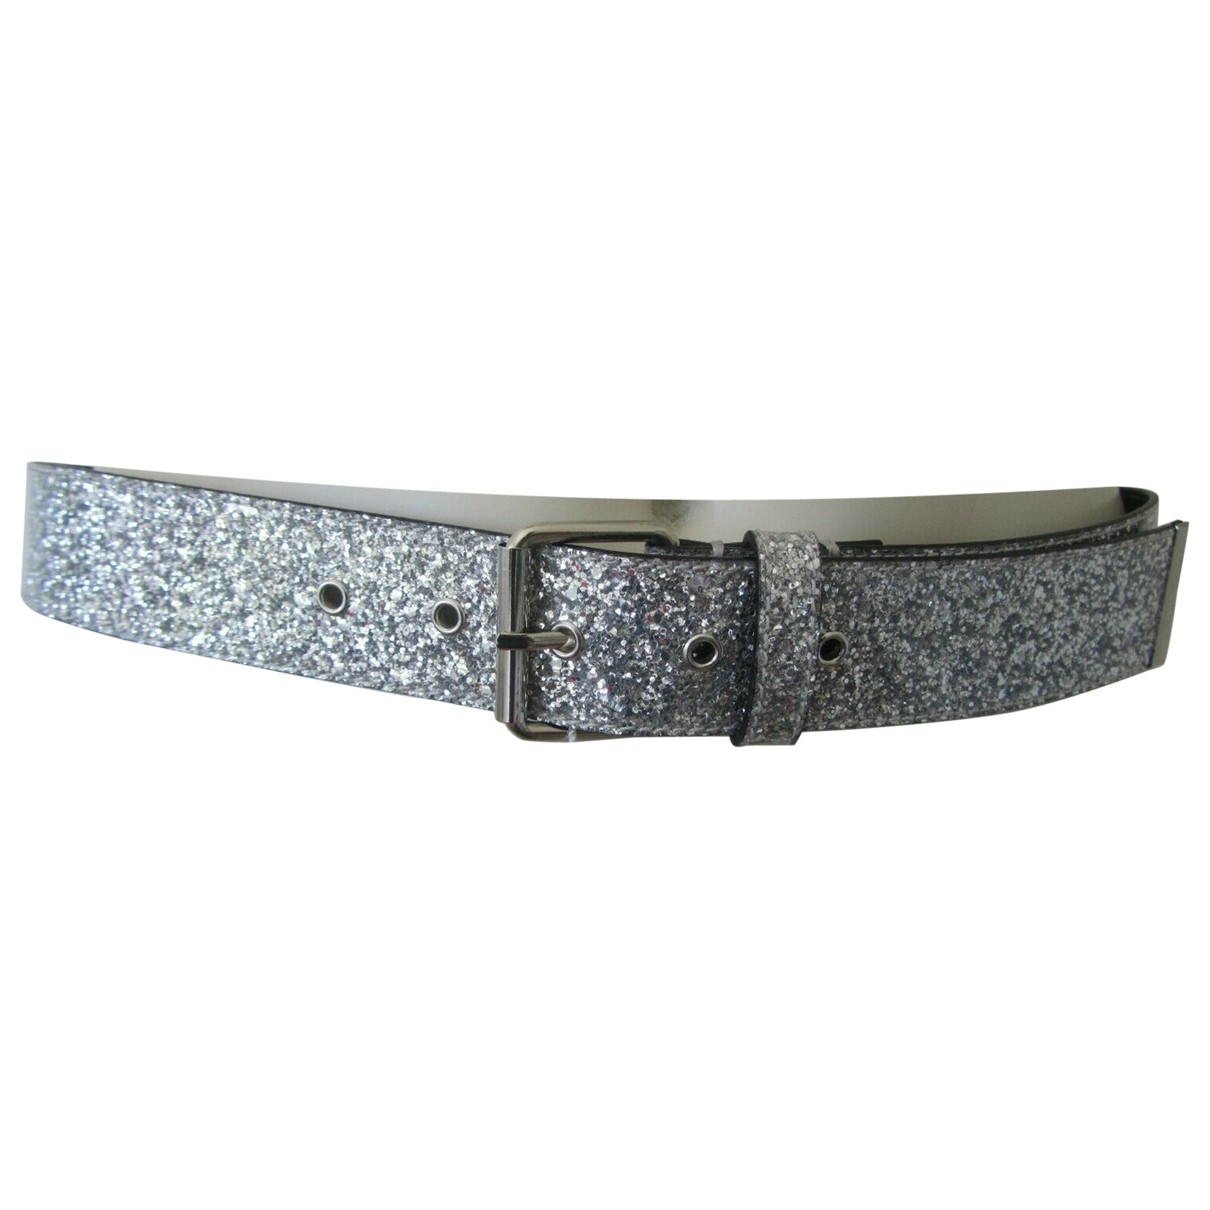 Cinturon de Con lentejuelas Mm6